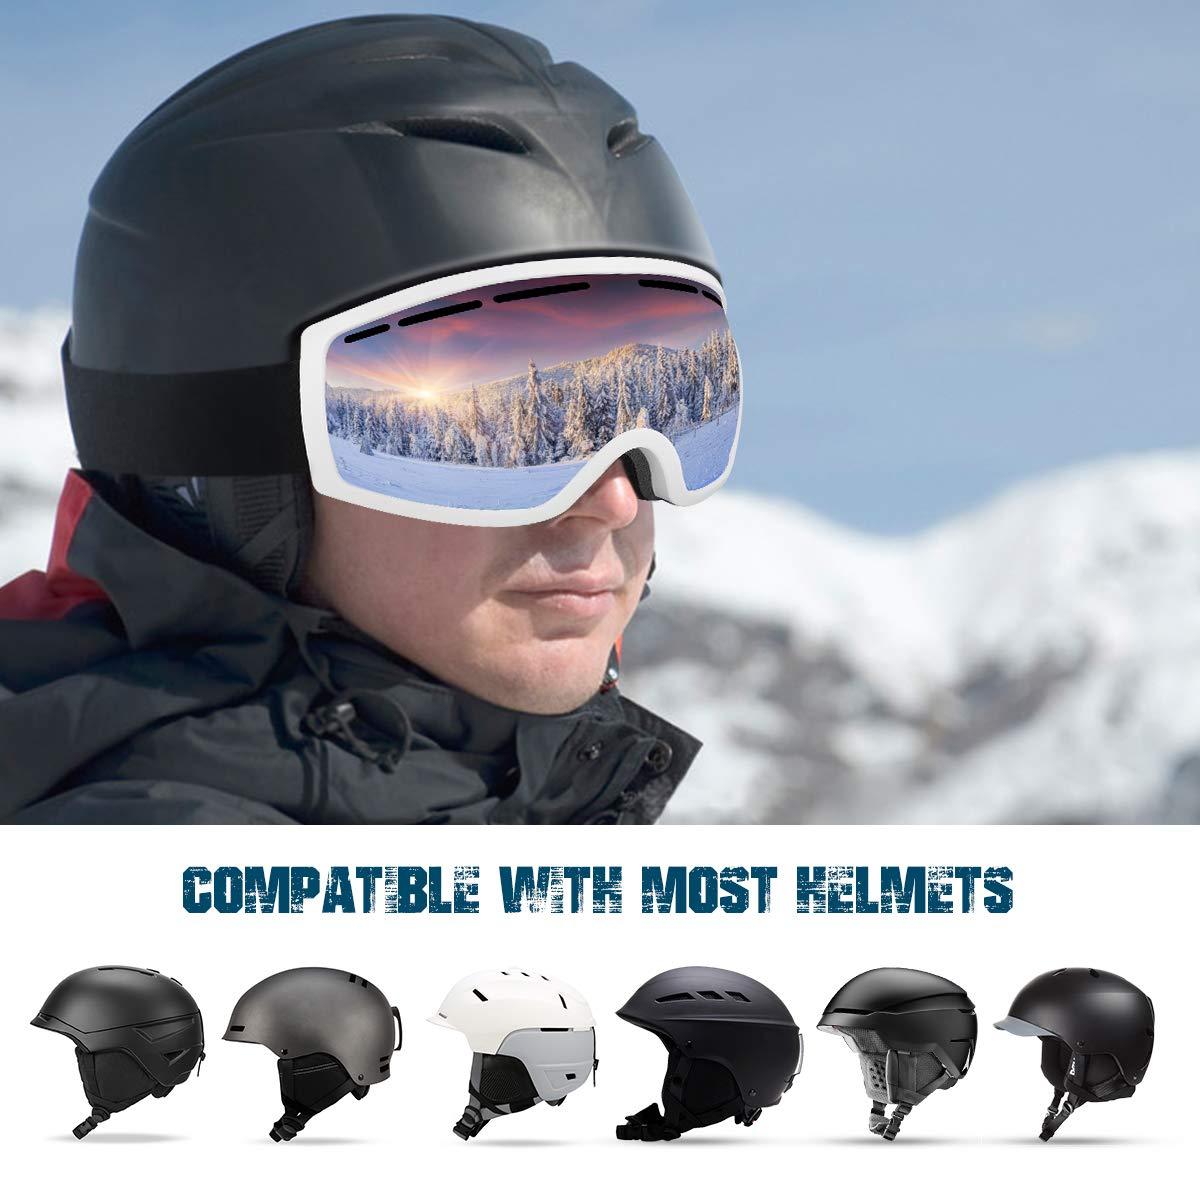 Baban Skibrille, Schutzbrille zum Skifahren, UV-Schutz, Anti-Fog, Snowboardbrille